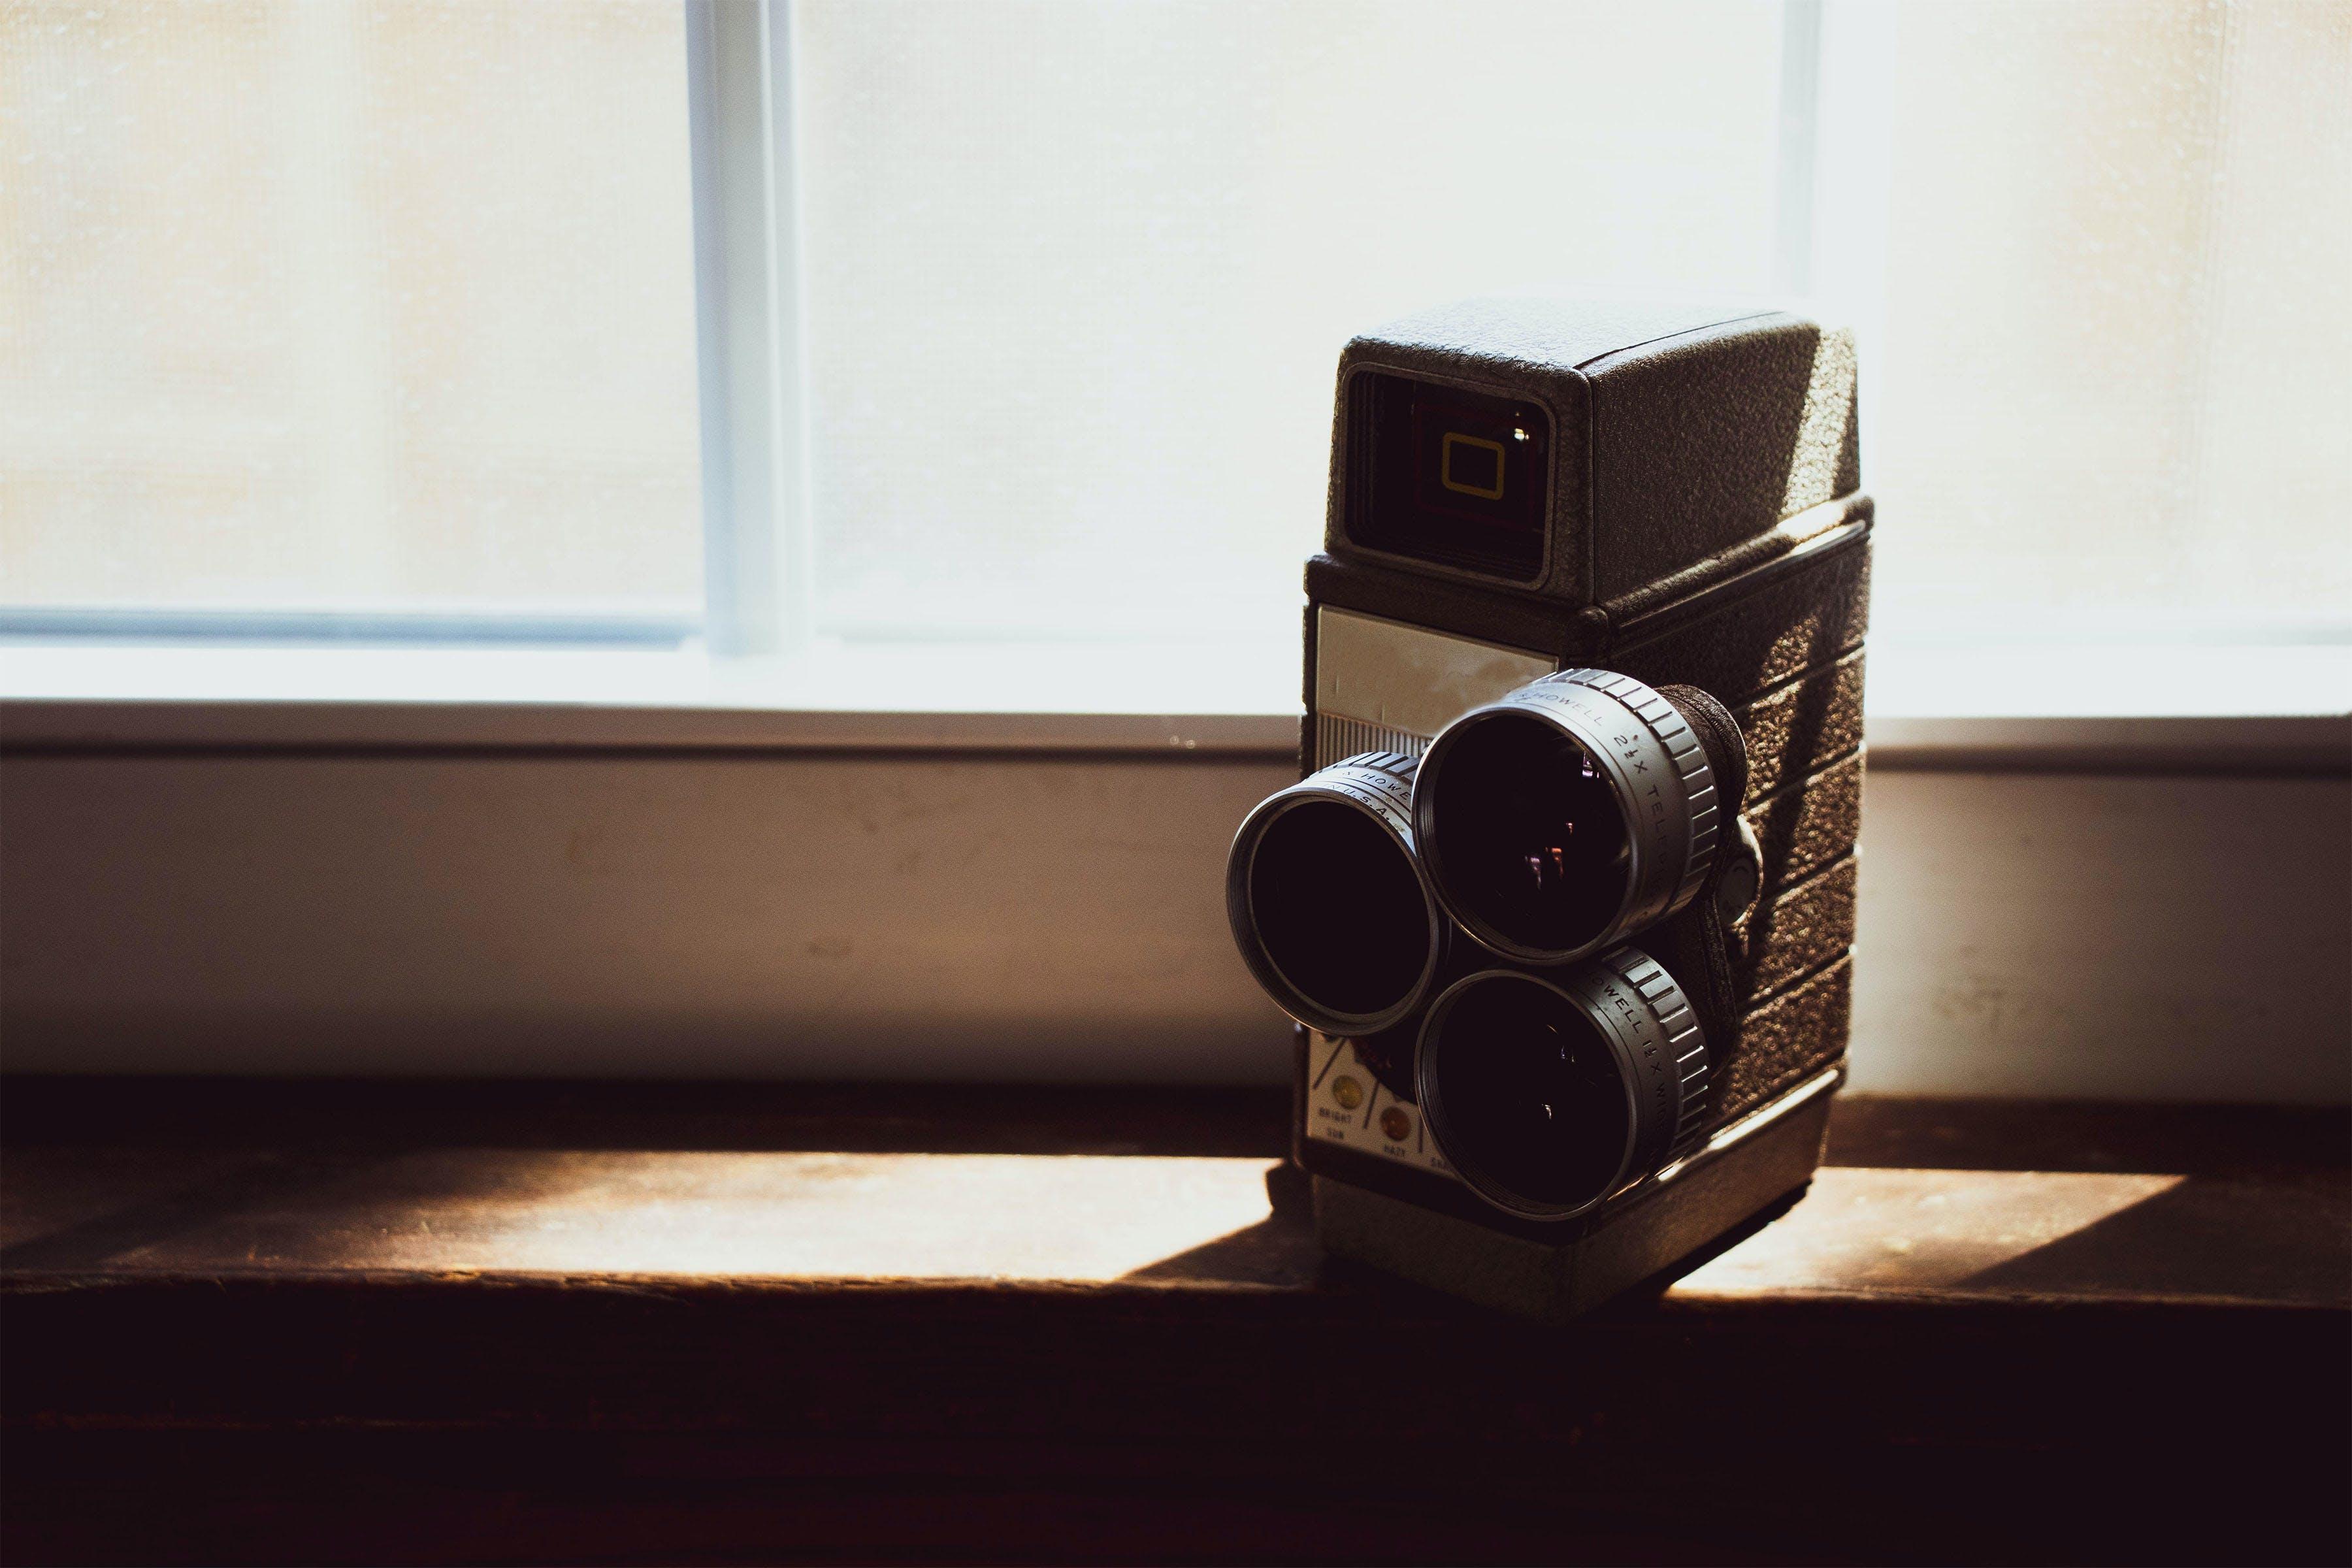 Black Vintage Camera On Table